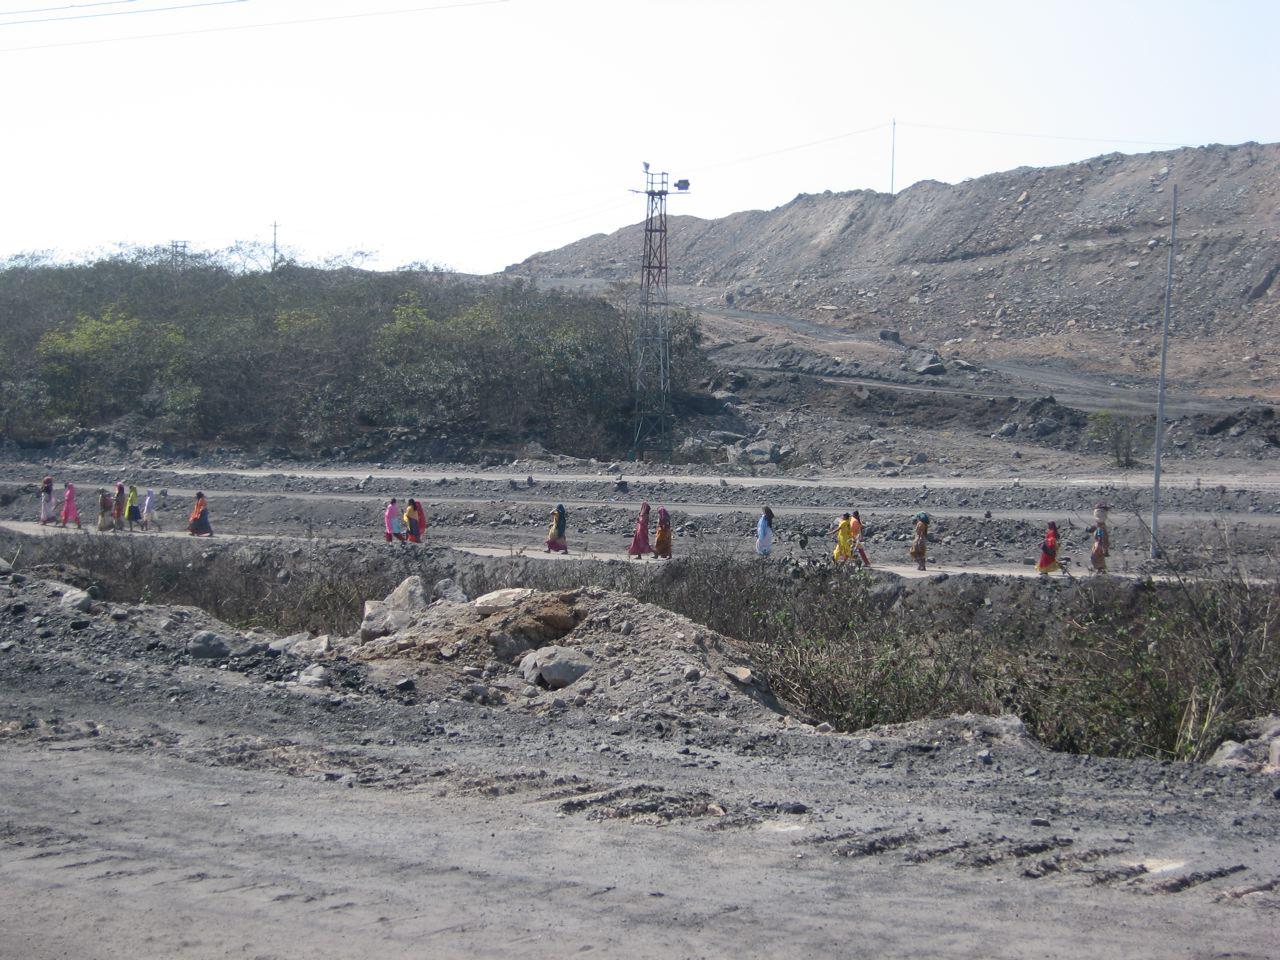 Oposición local a la minería del carbón en Jharkhand, India